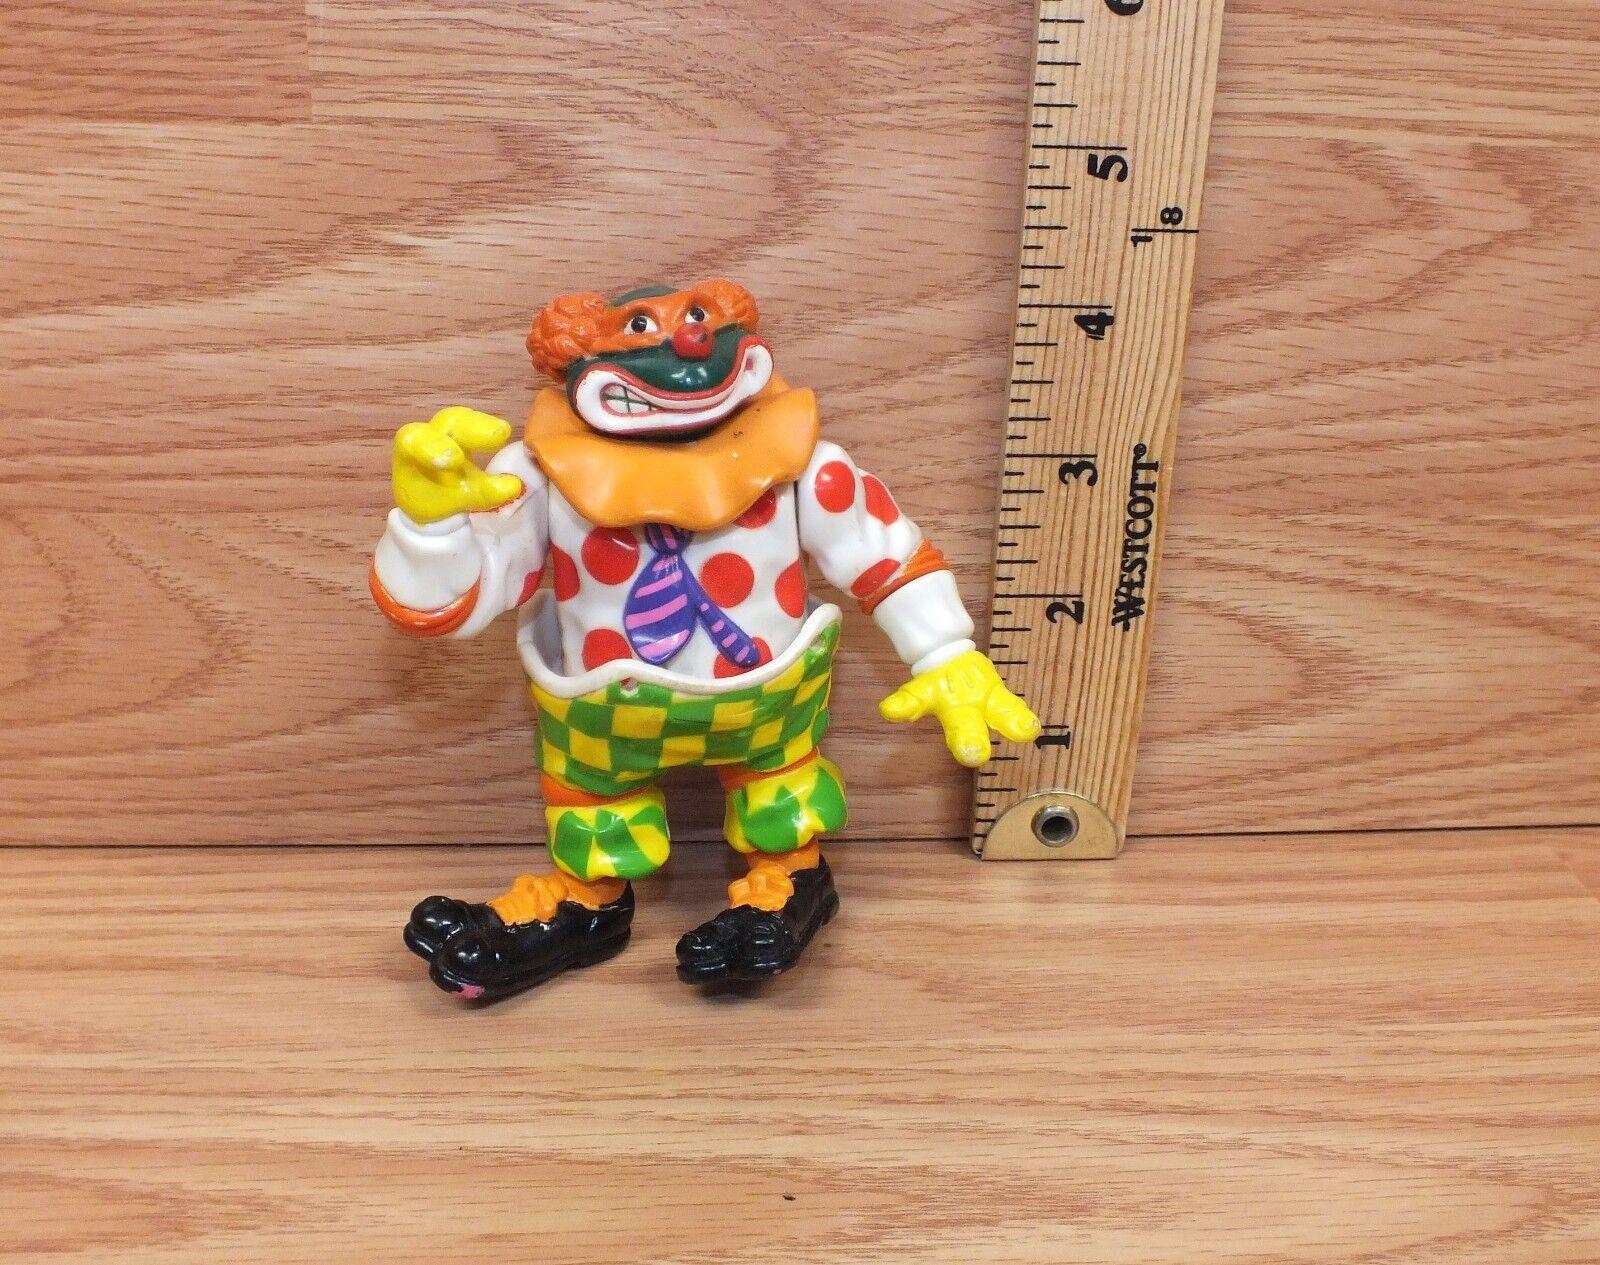 Genuine Studio Playmates Rare Rare Rare 1992 TMNT Michelangelo In A Clown Outfit READ 6ae4e6